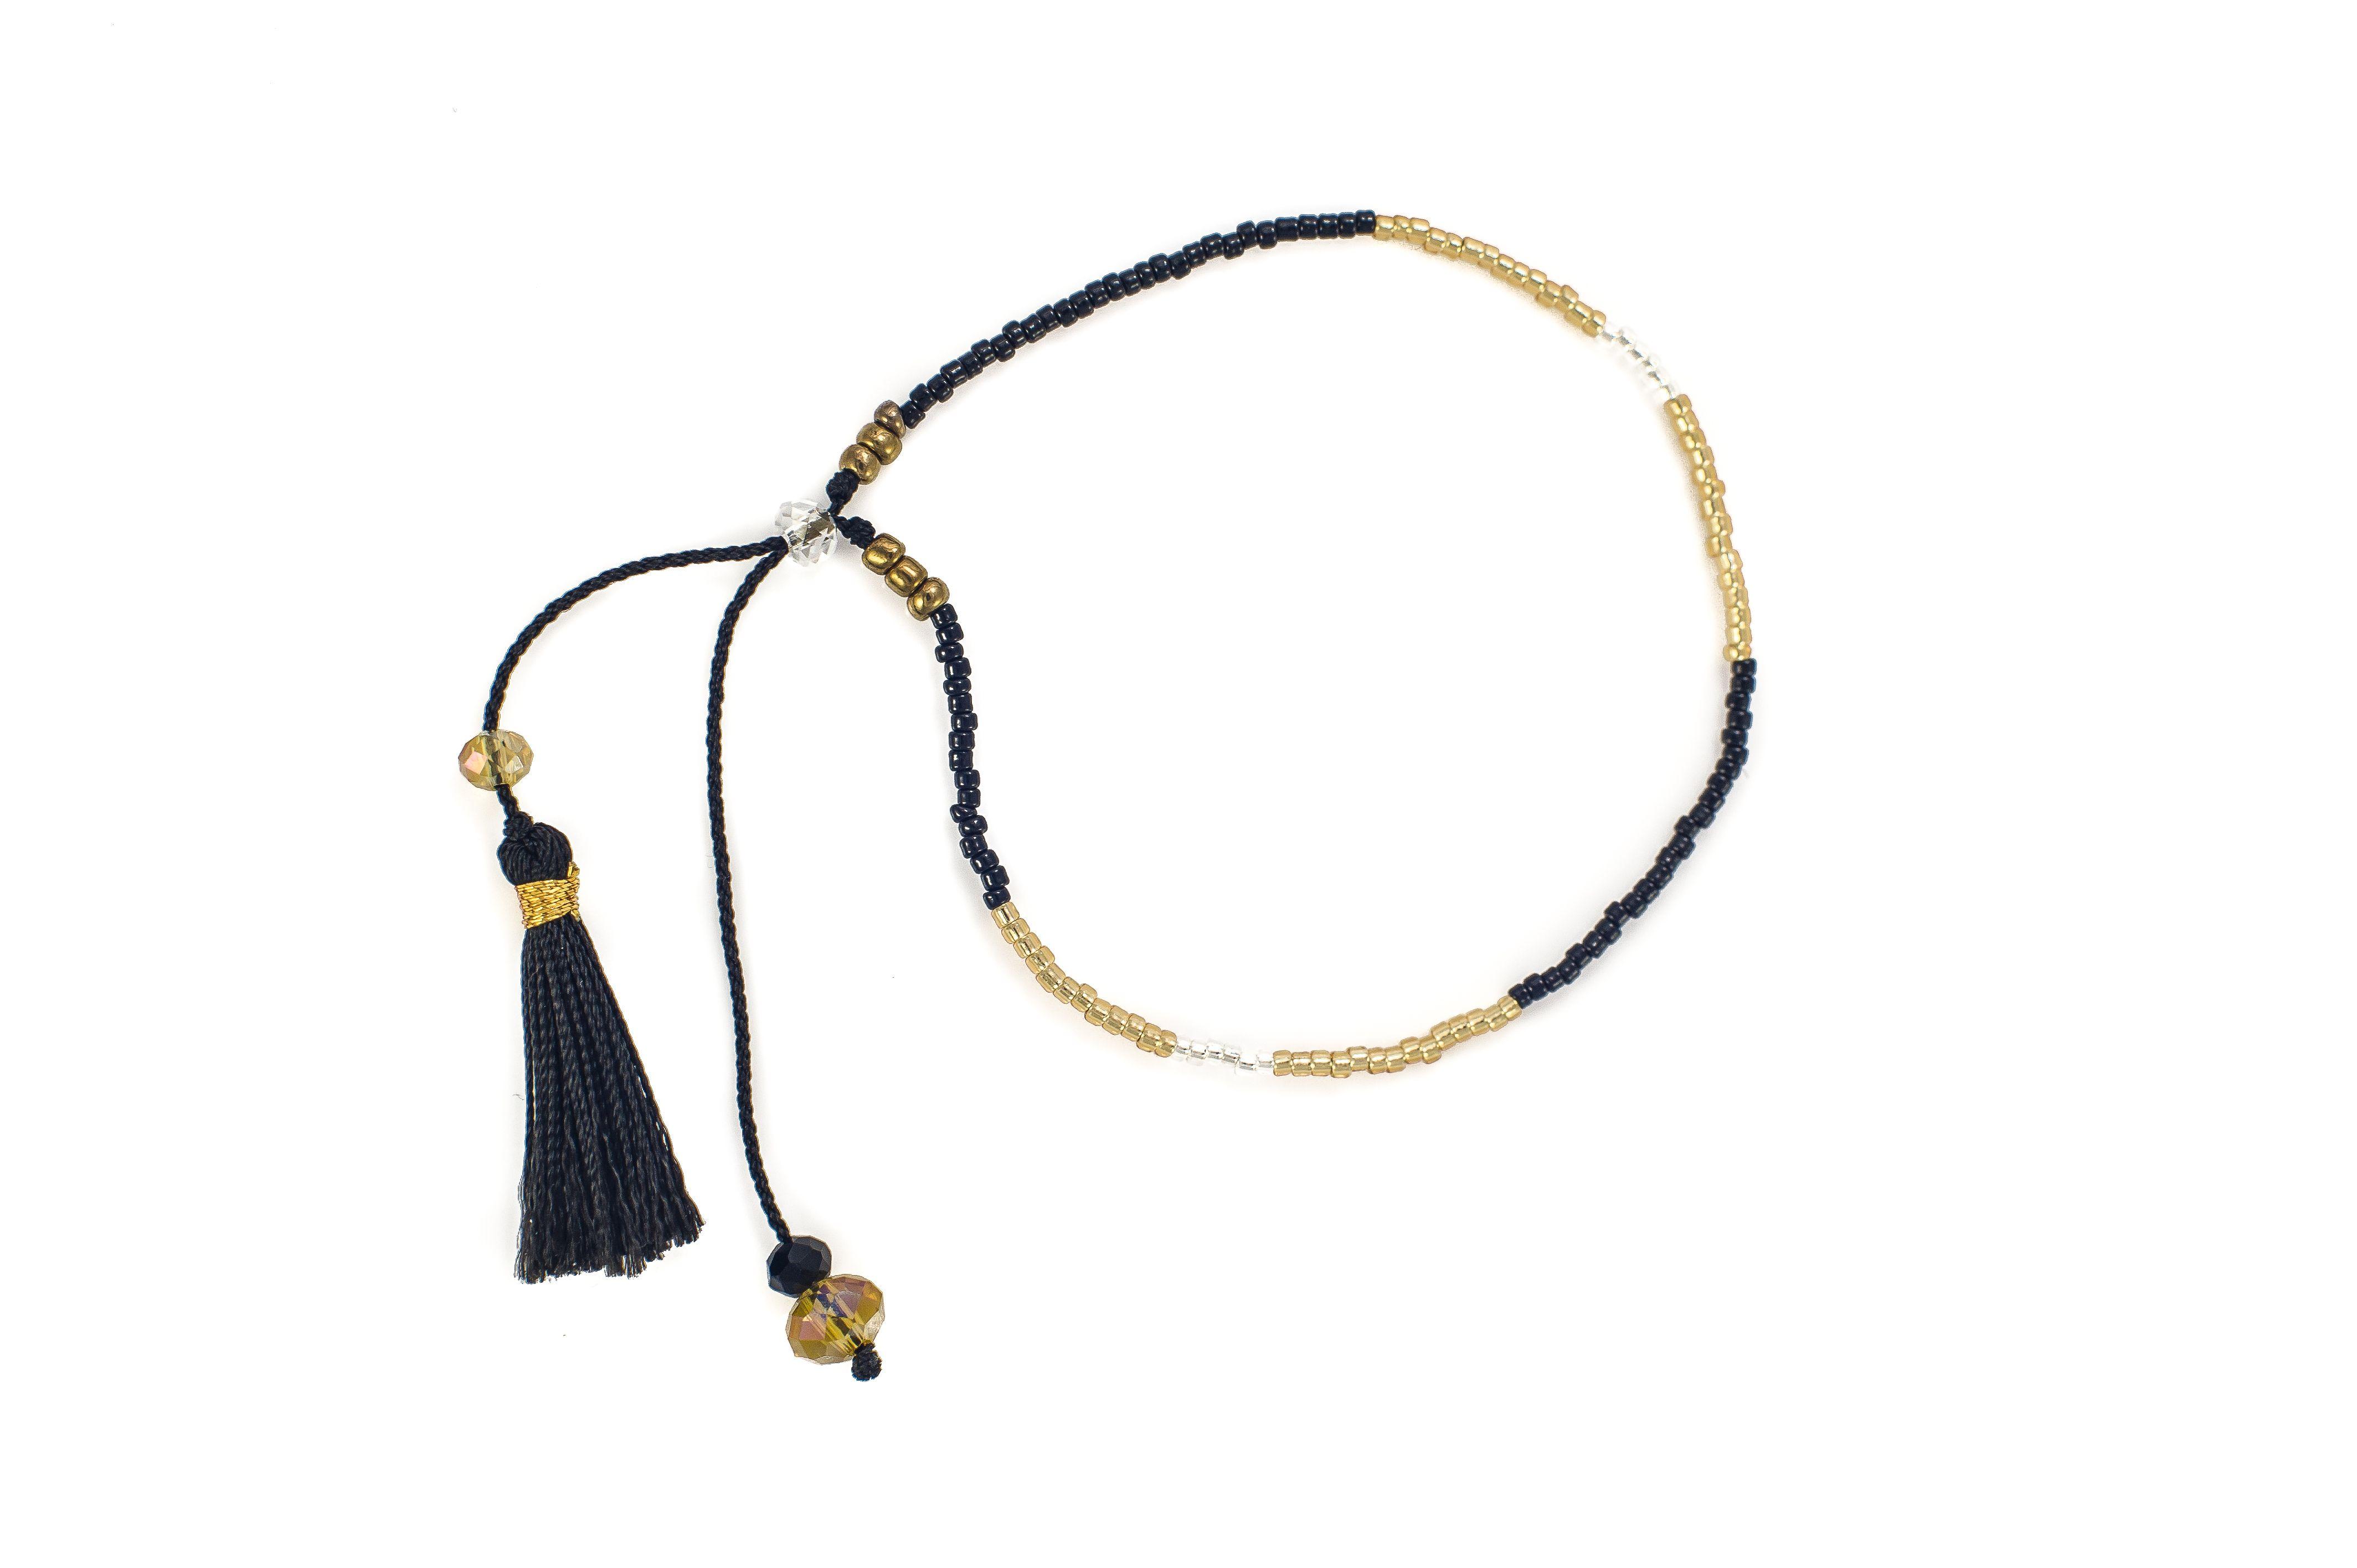 Wyjątkowa bransoletka Venis dla wyjątkowej kobiety, takiej jak TY! KONKURS!